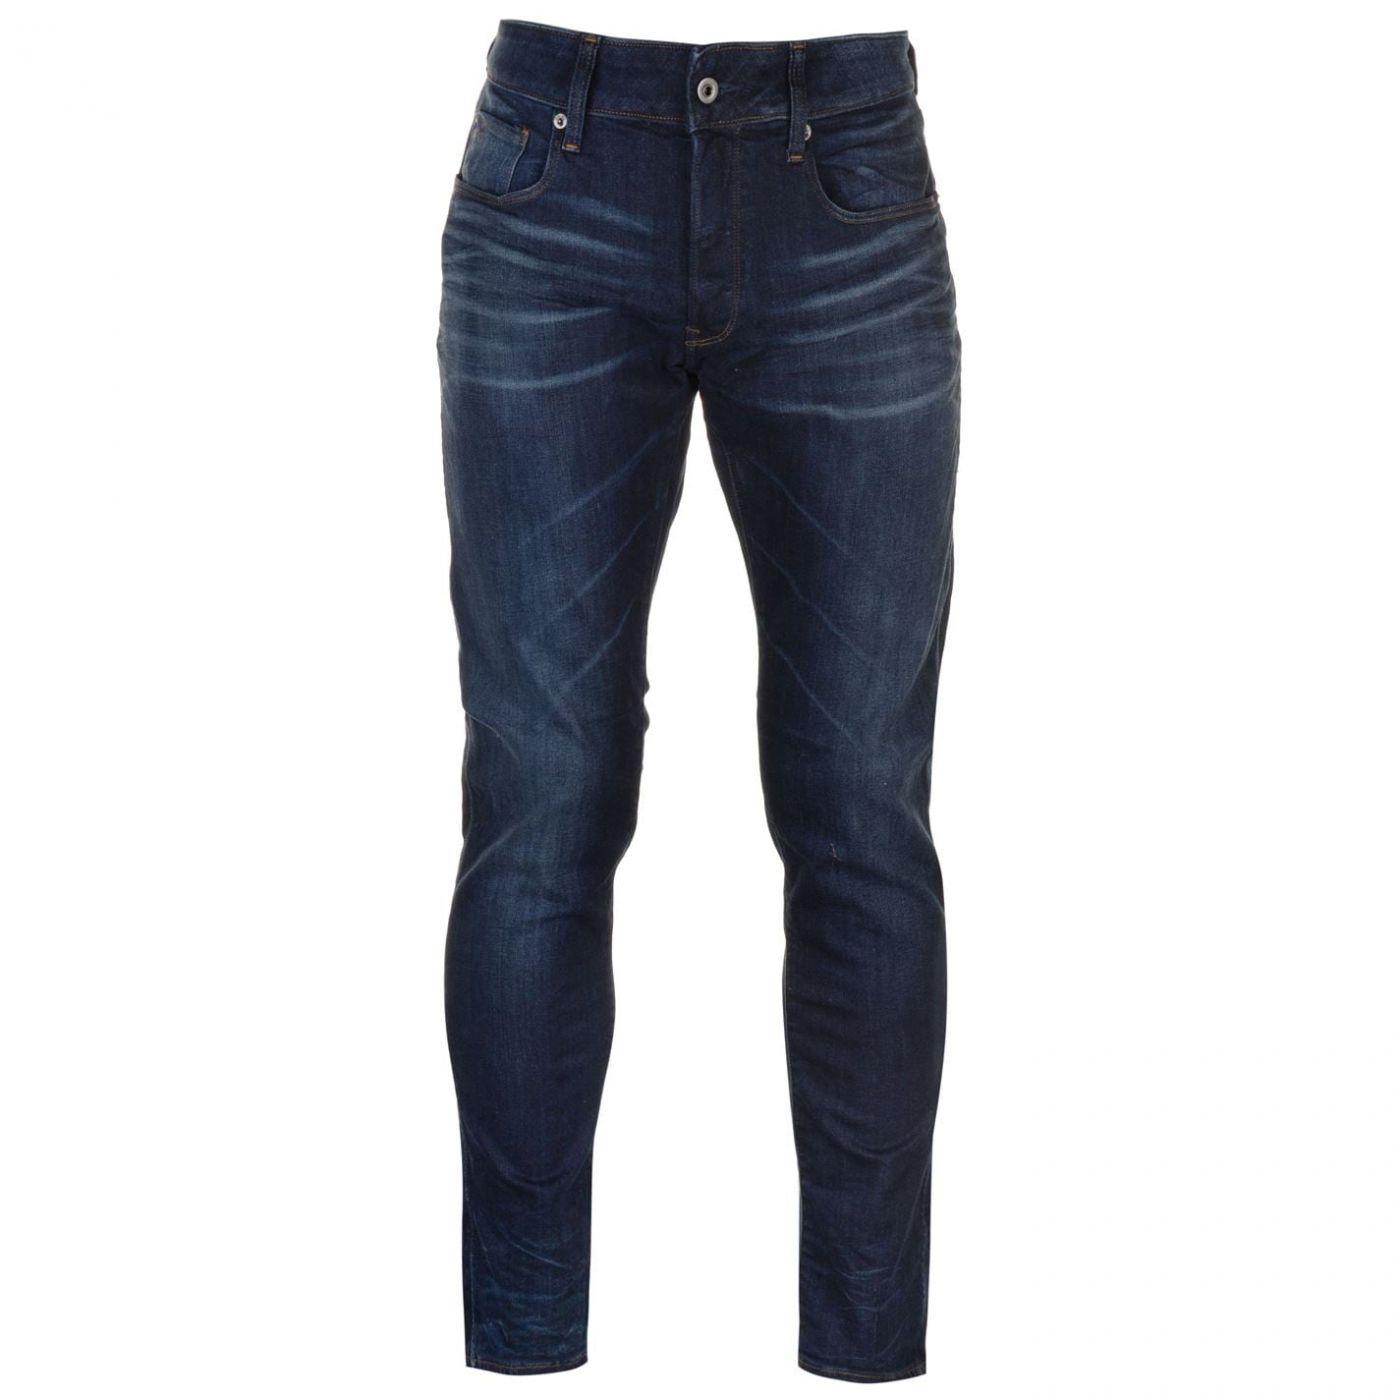 G Star 3301 Slim Jeans Mens